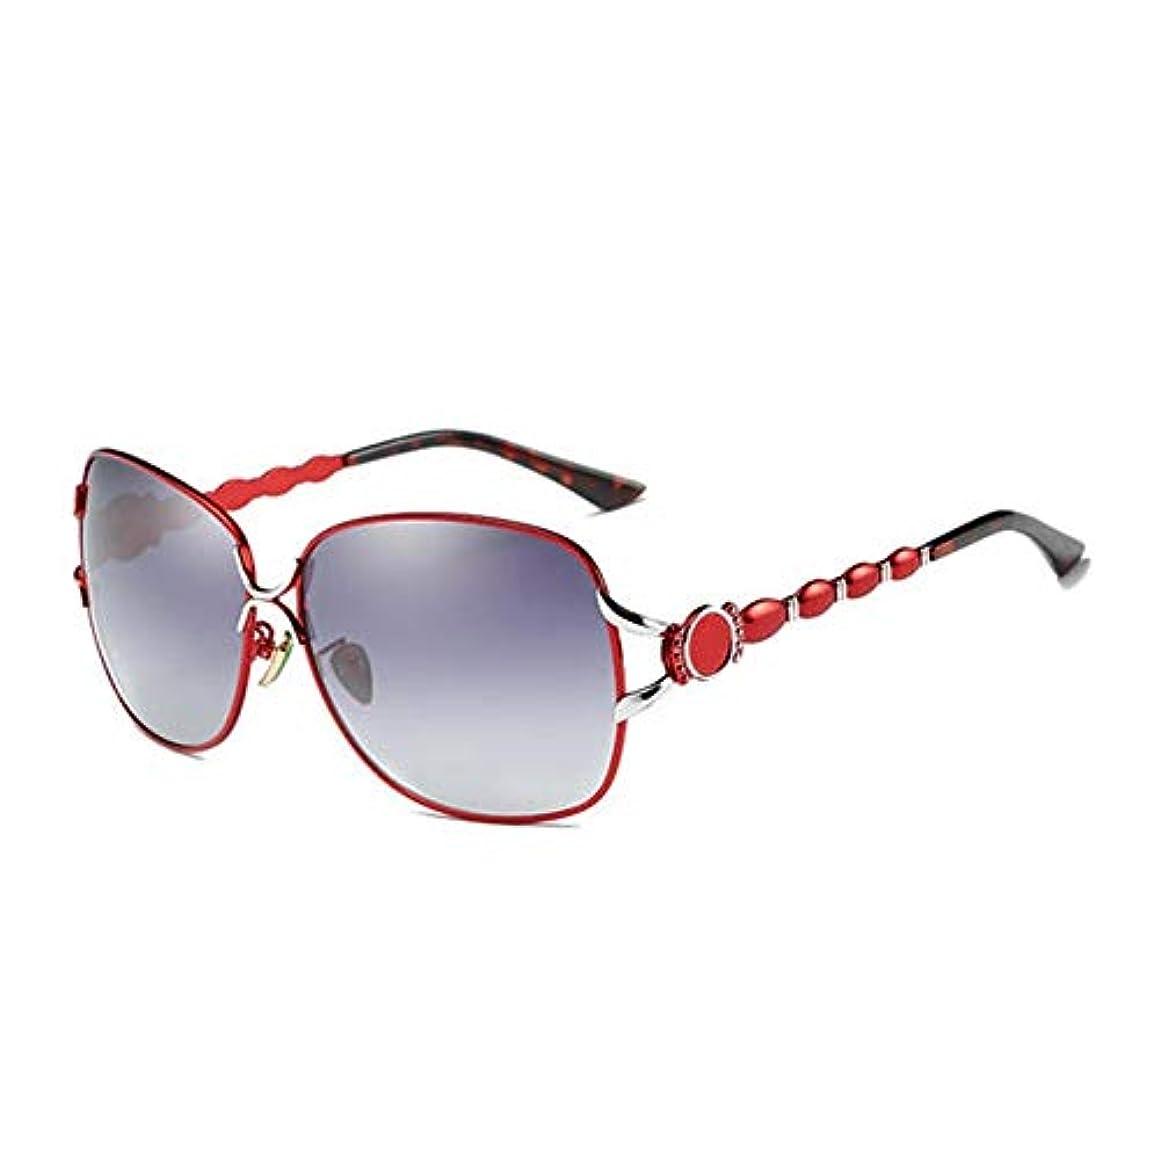 検索エンジン最適化十分コンベンションサングラス ブンテレンズサングラスPolarisierte Sonnenbrille FrauenアンチUV400アウトドアスポーツ UV保護 (色 : Red, Size : One size)